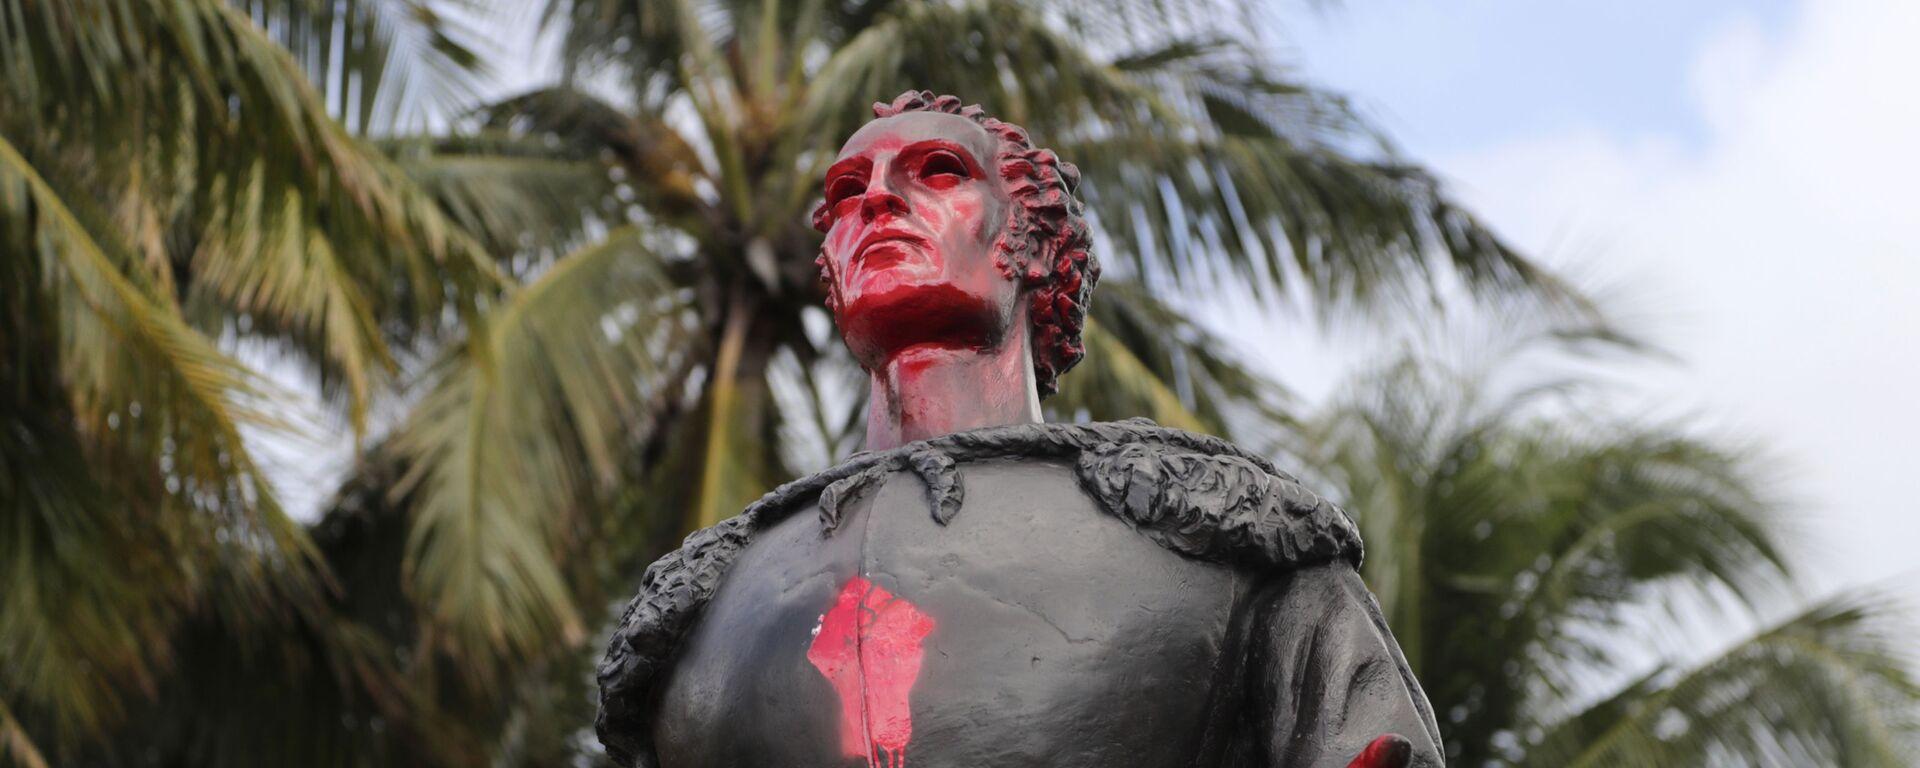 Una estatua de Cristóbal Colón en Miami - Sputnik Mundo, 1920, 11.05.2021